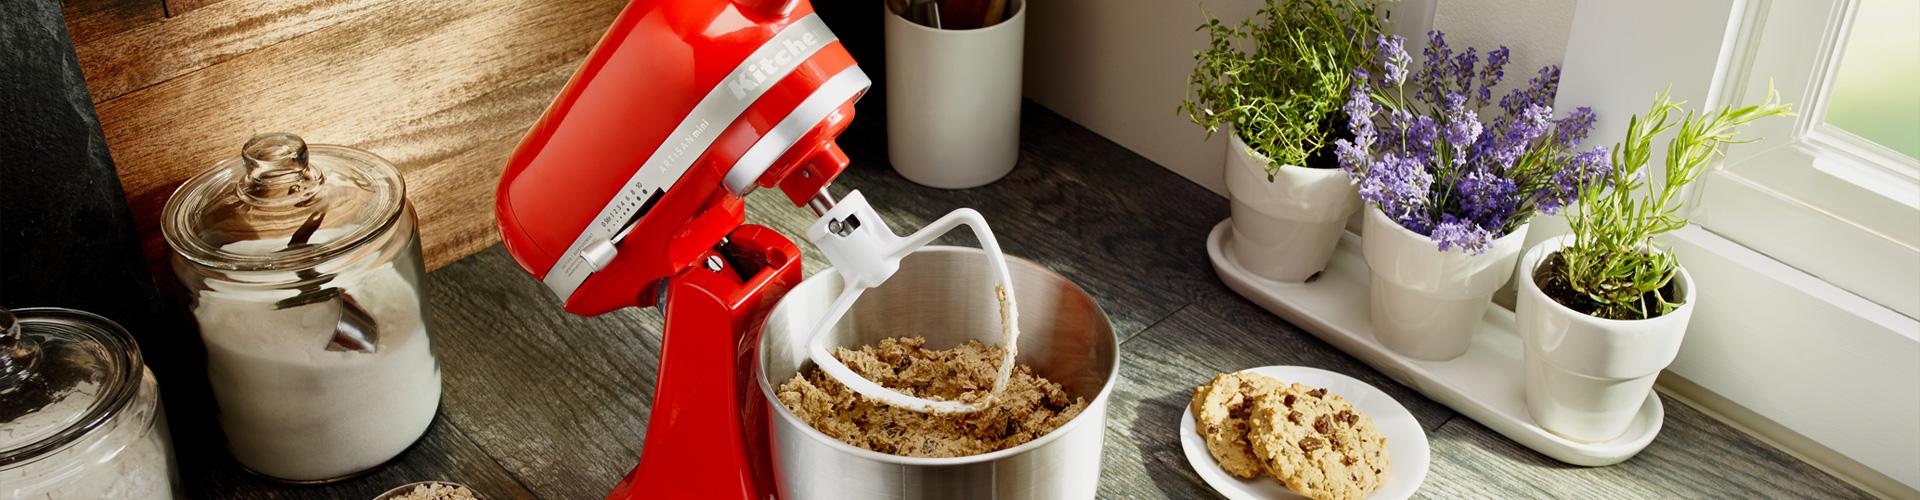 KitchenAid sfeerfoto